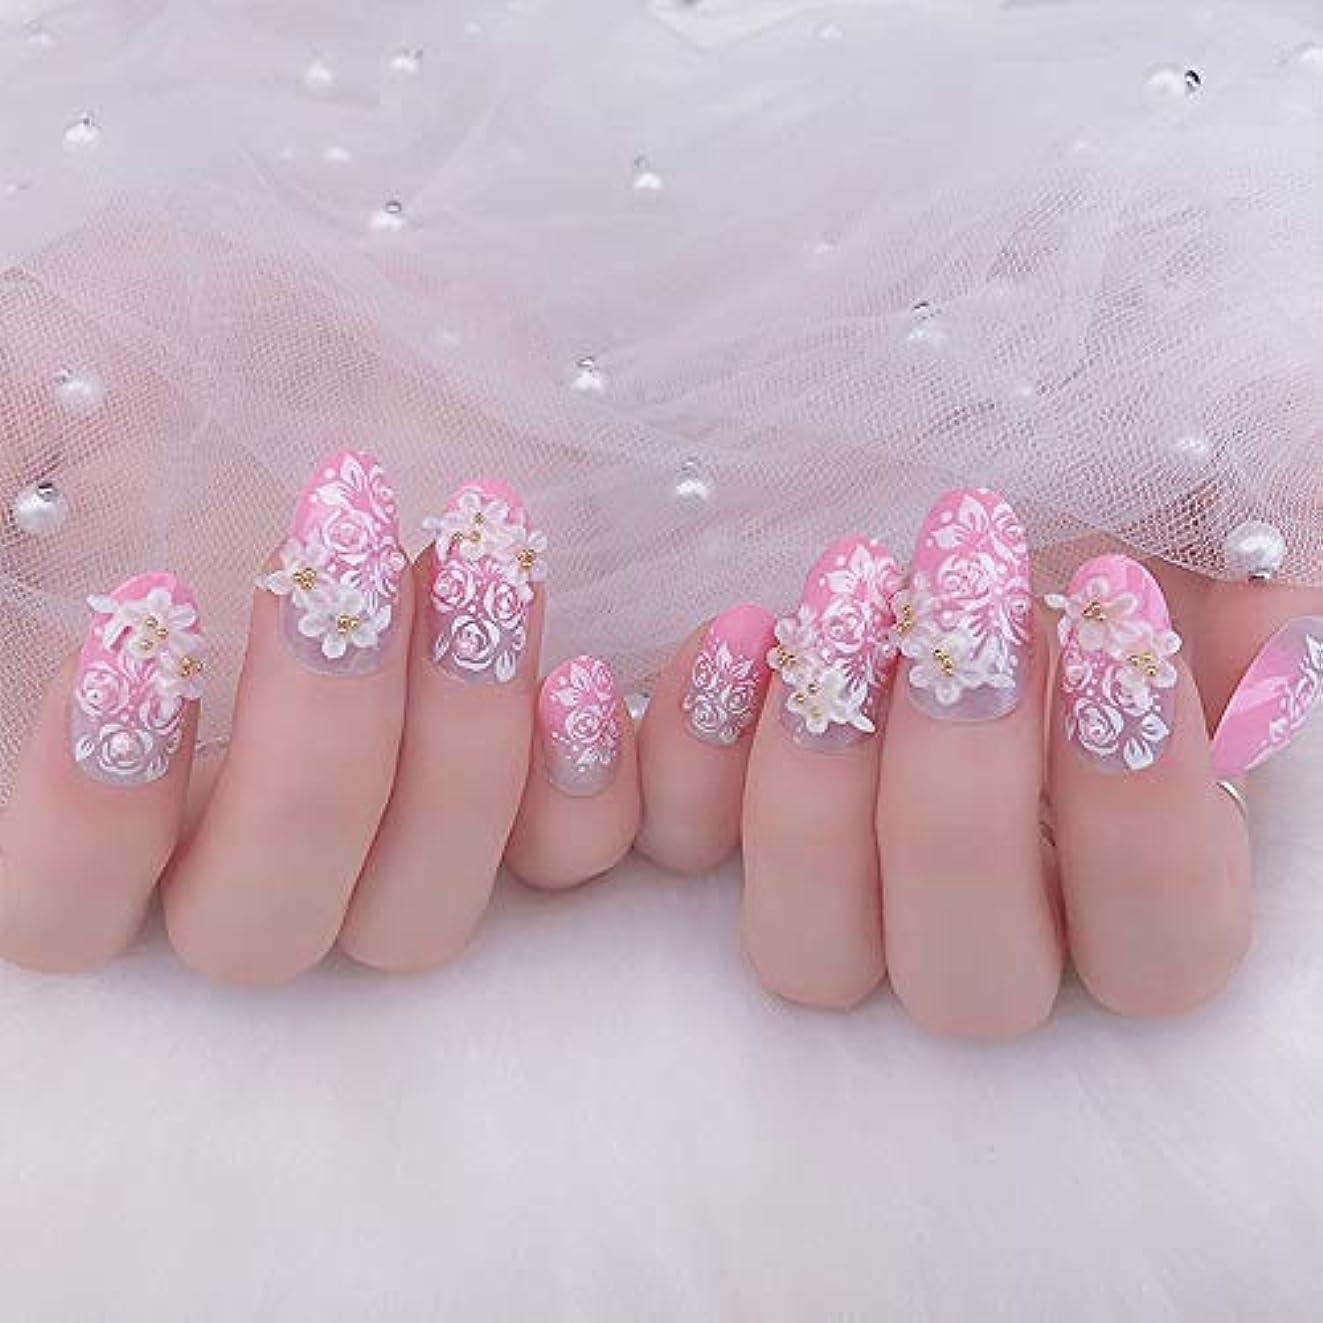 討論欲しいです居間XUTXZKA ピンクカラー人工ネイル花嫁の結婚式輝くラインストーン偽ネイル花フルカバーネイルのヒント24ピース/セット